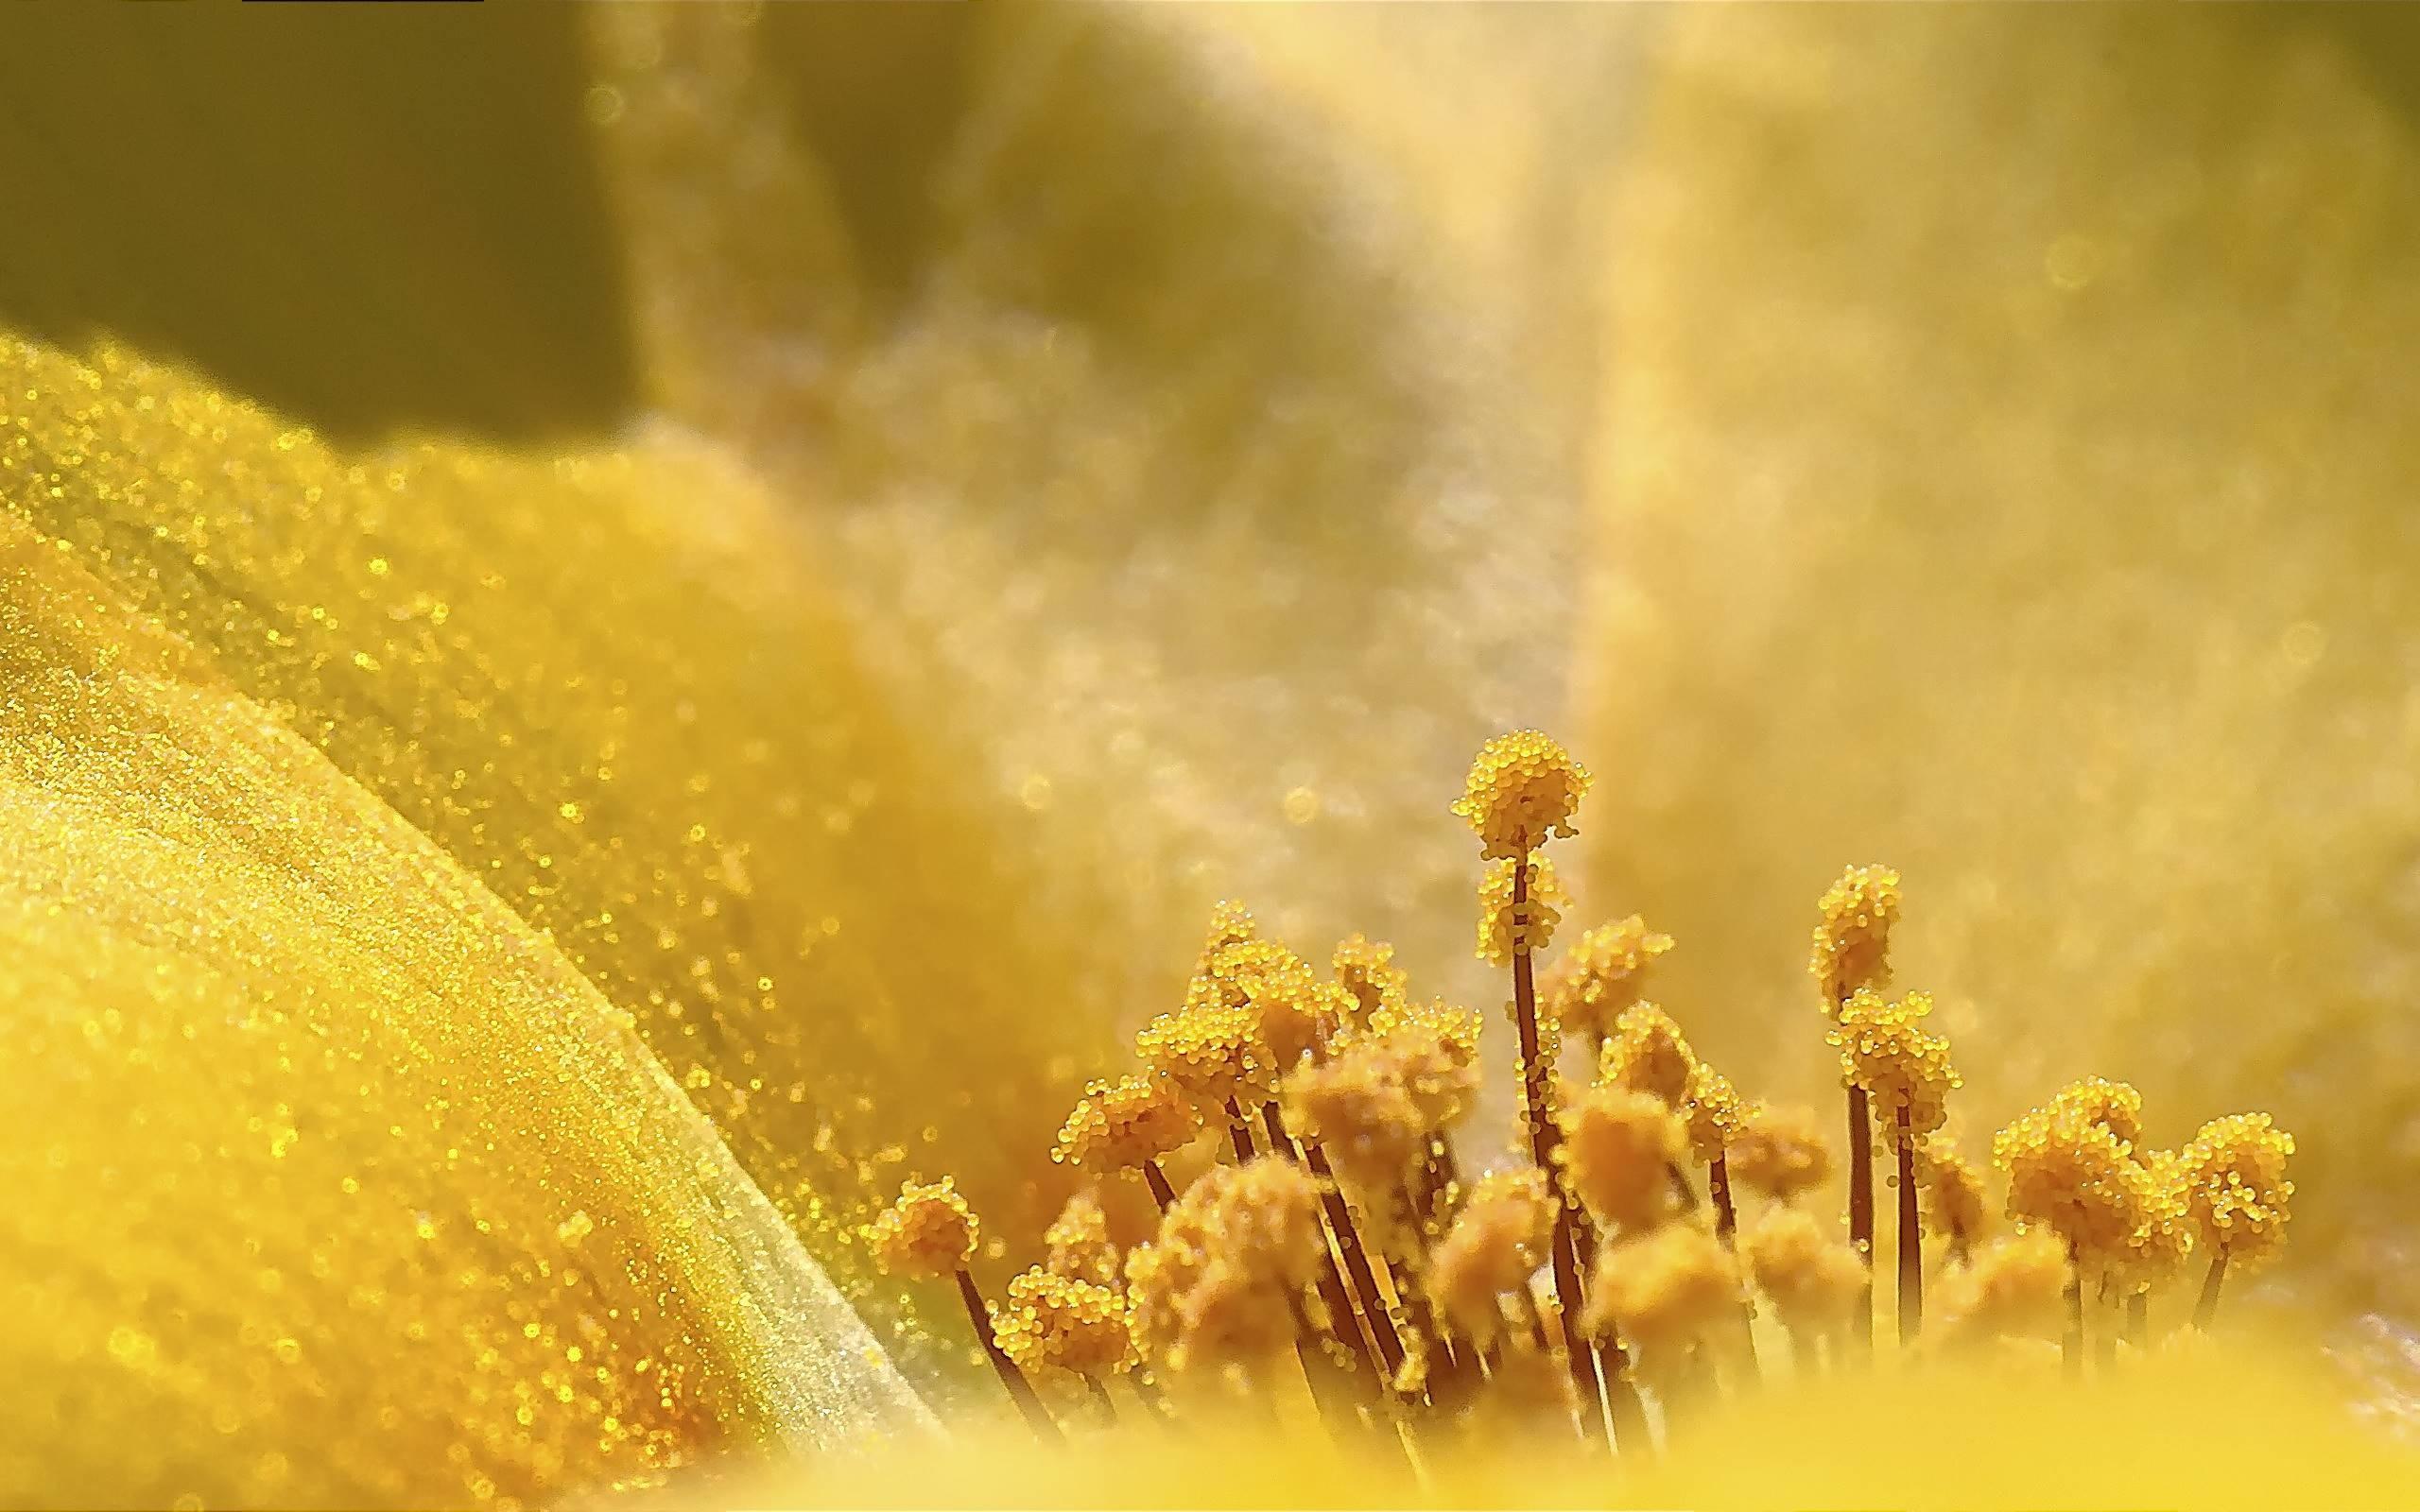 это пыльца цветов фото таких черенок можно